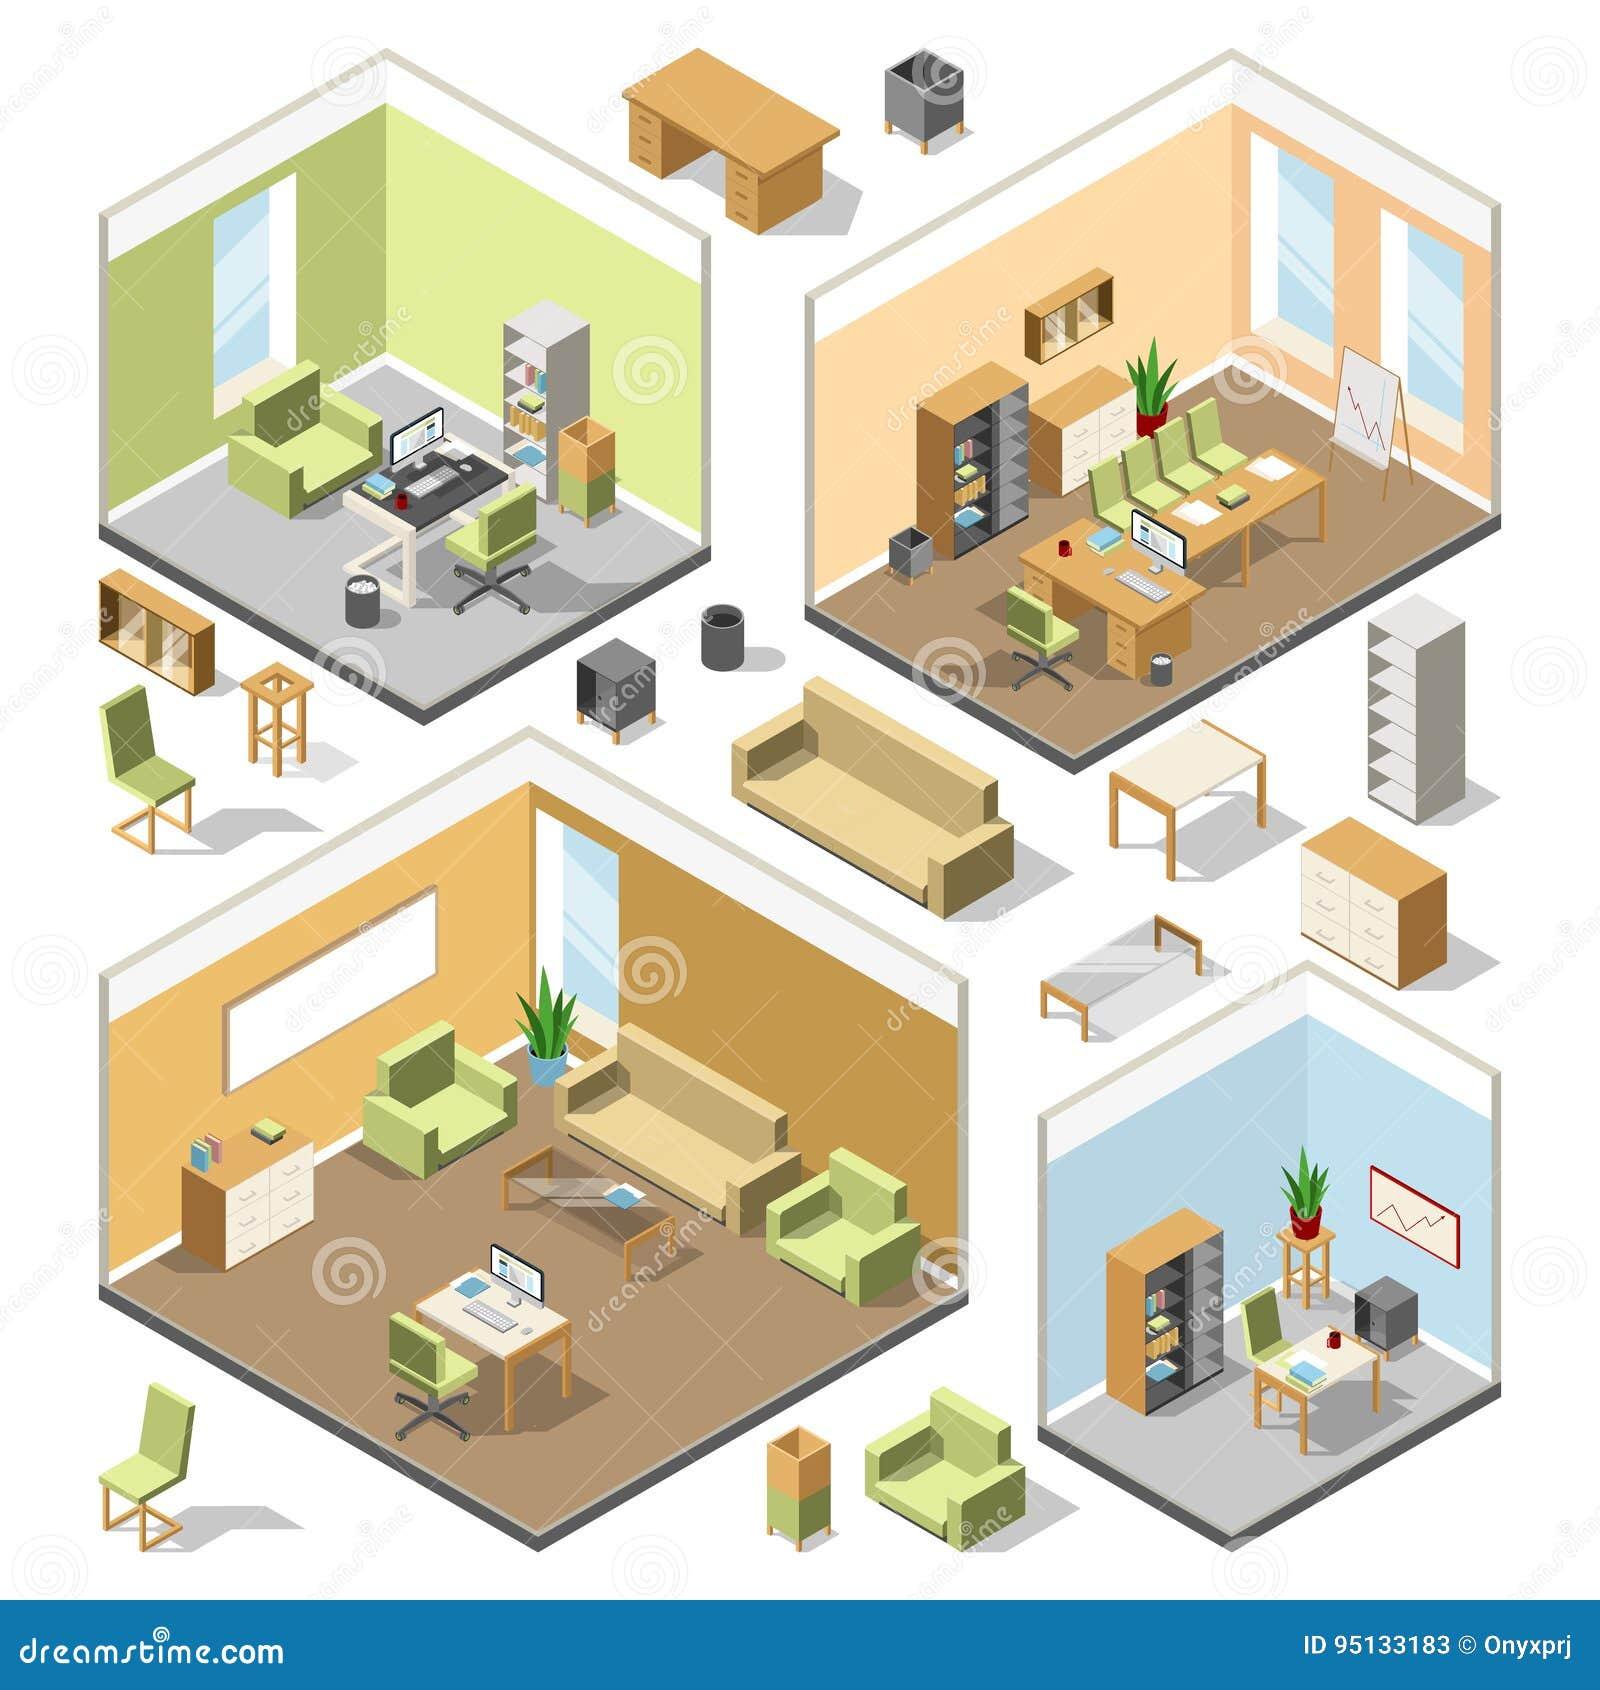 Olika isometriska workspaces med sektions- möblemang Arkitektoniskt plan för vektor 3d